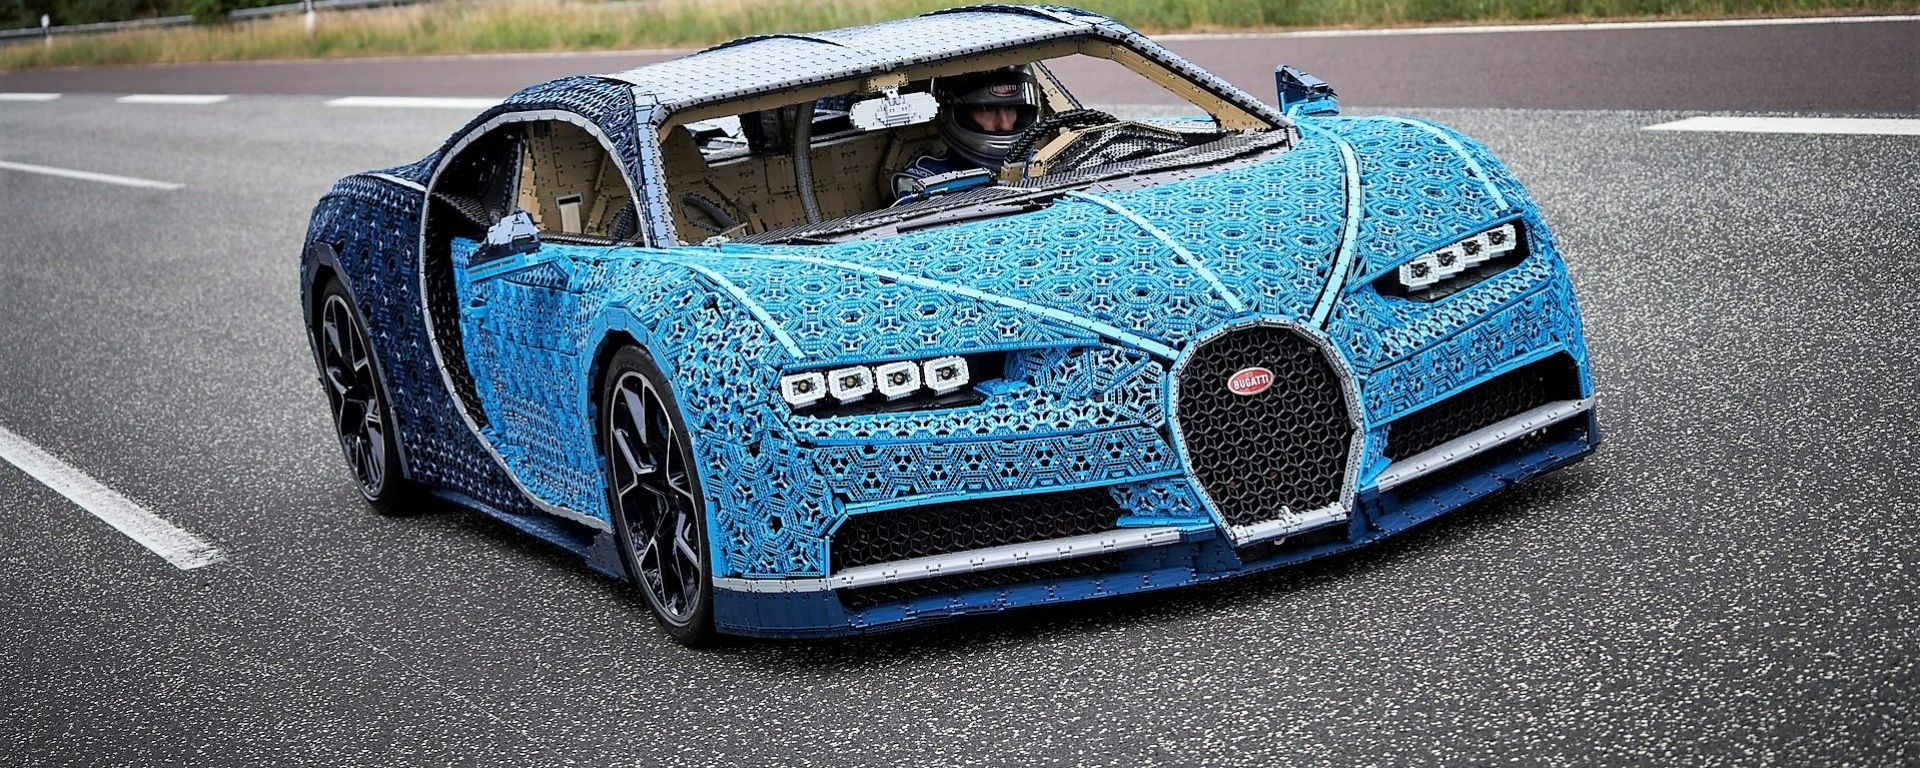 Andy Wallace, collaudatore Bugatti, alla guida della Chiron di Lego